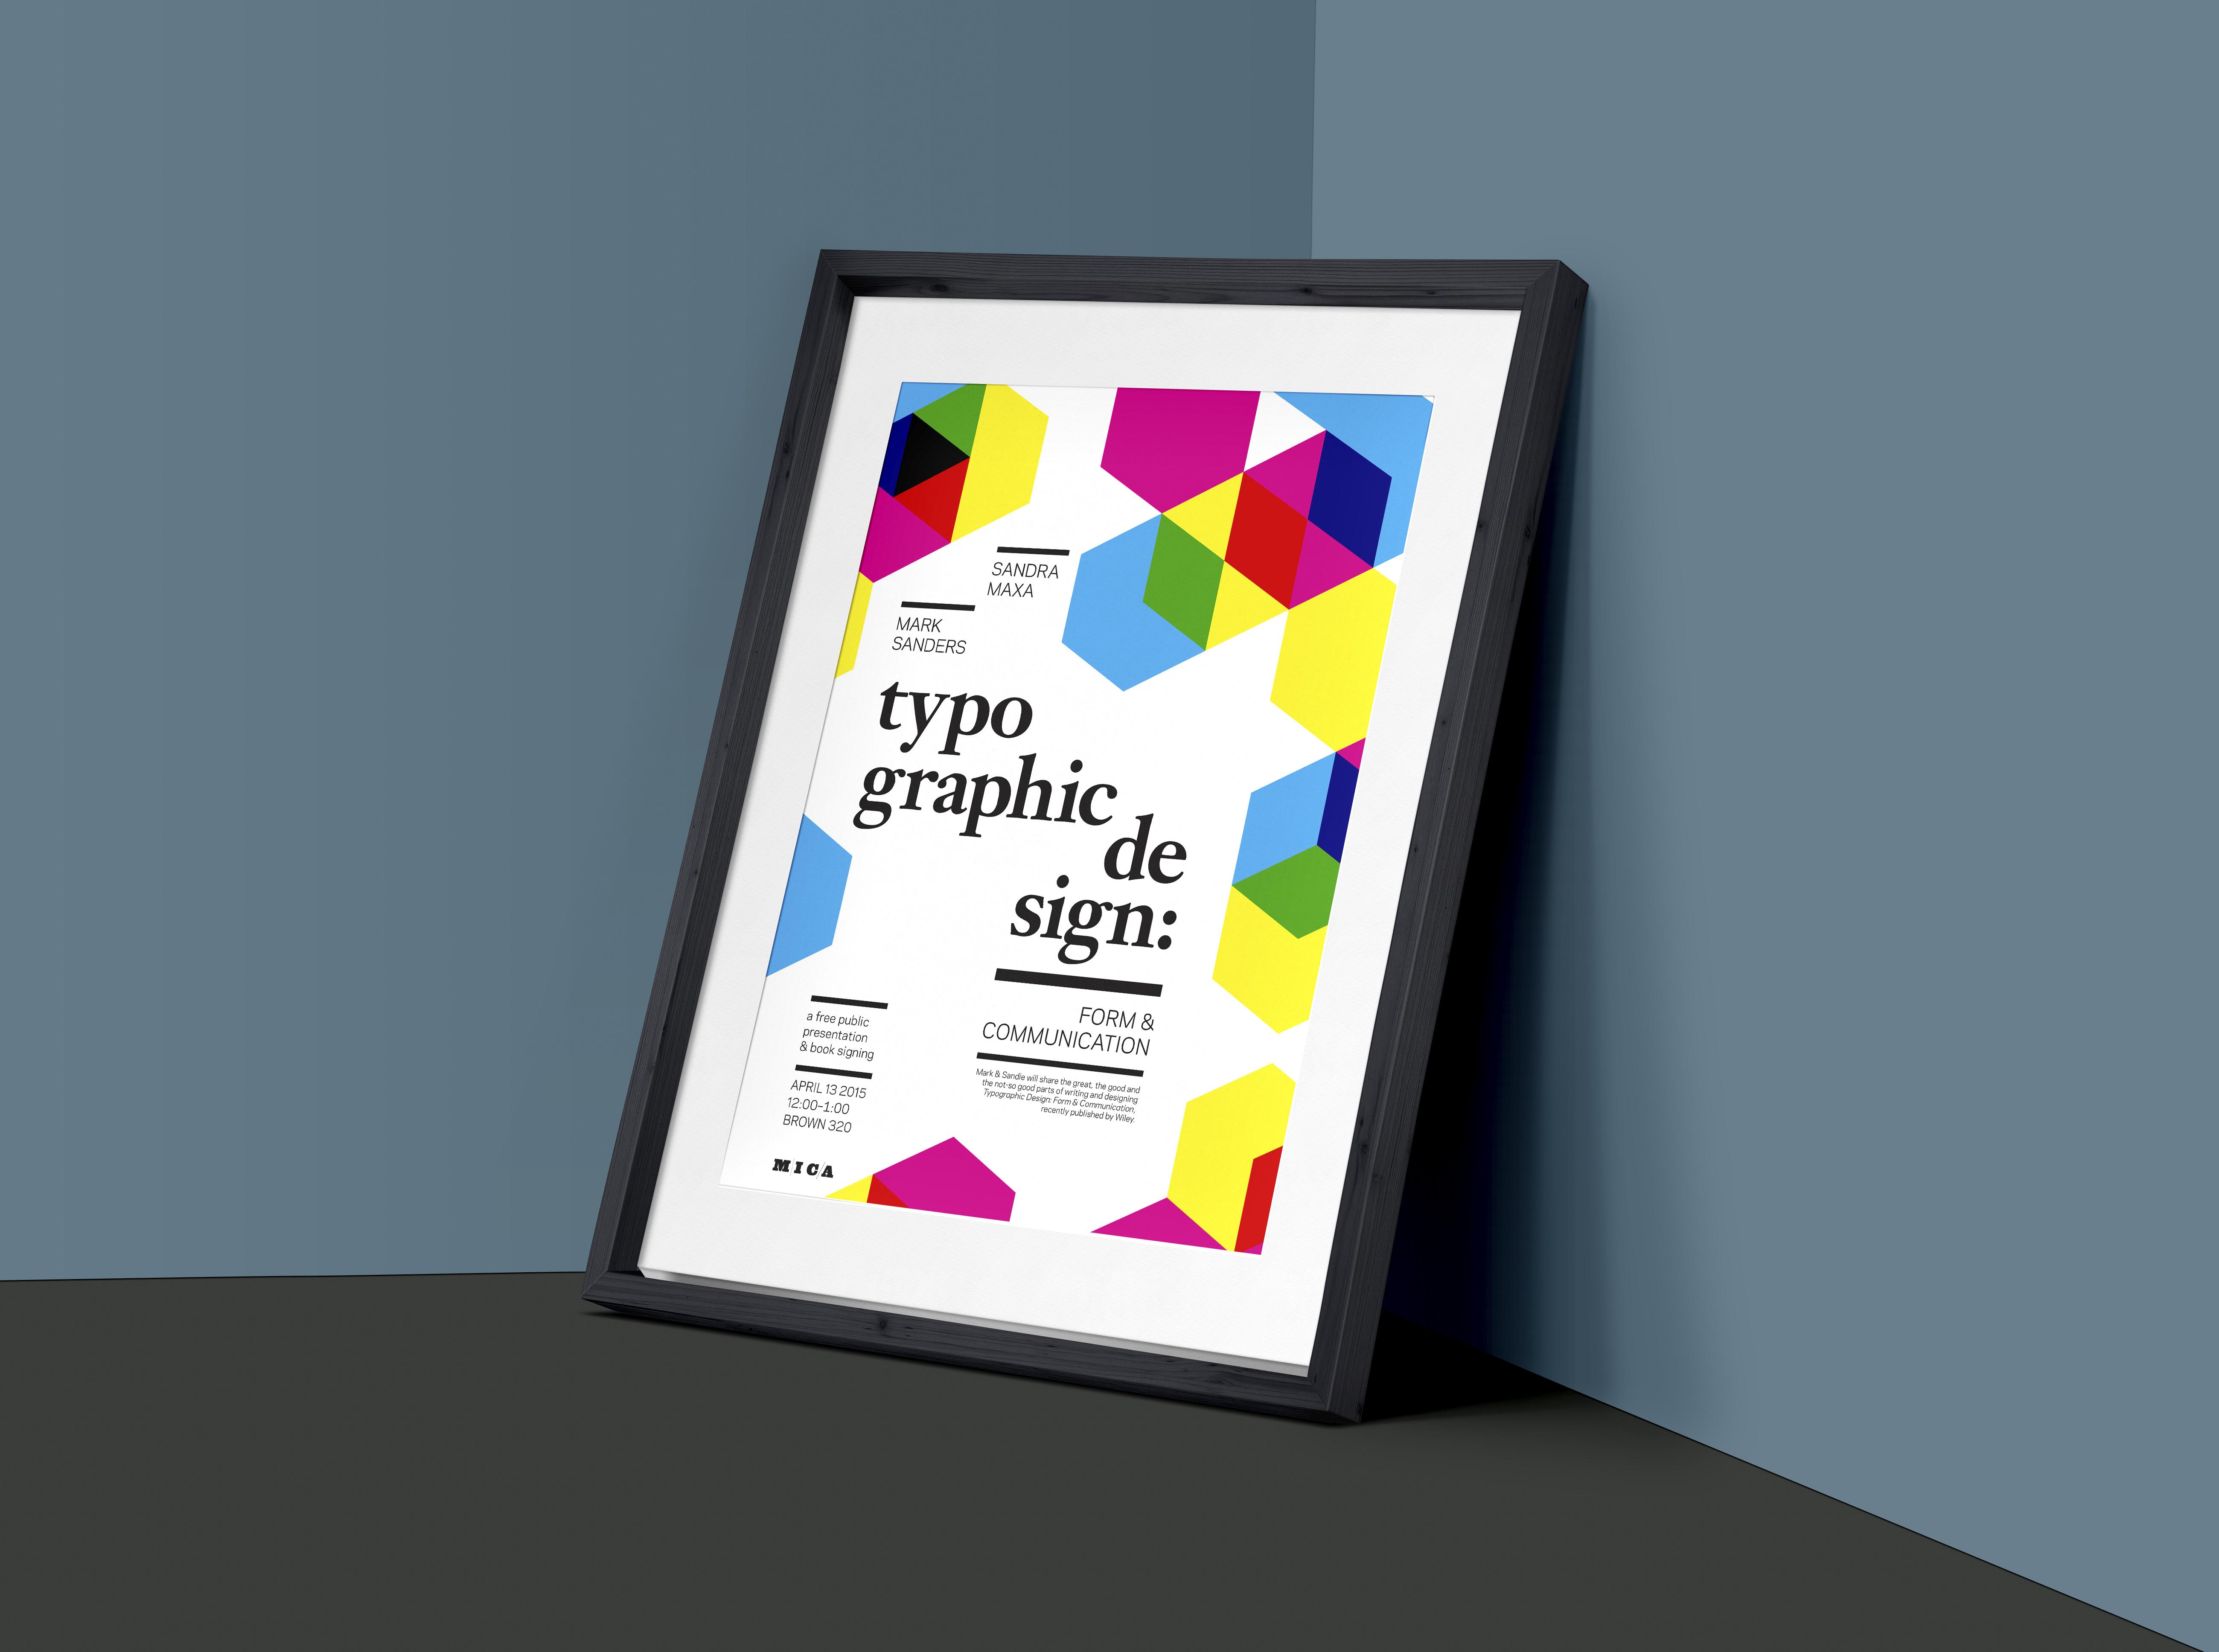 Hesuh Park Typographic Design Lecture